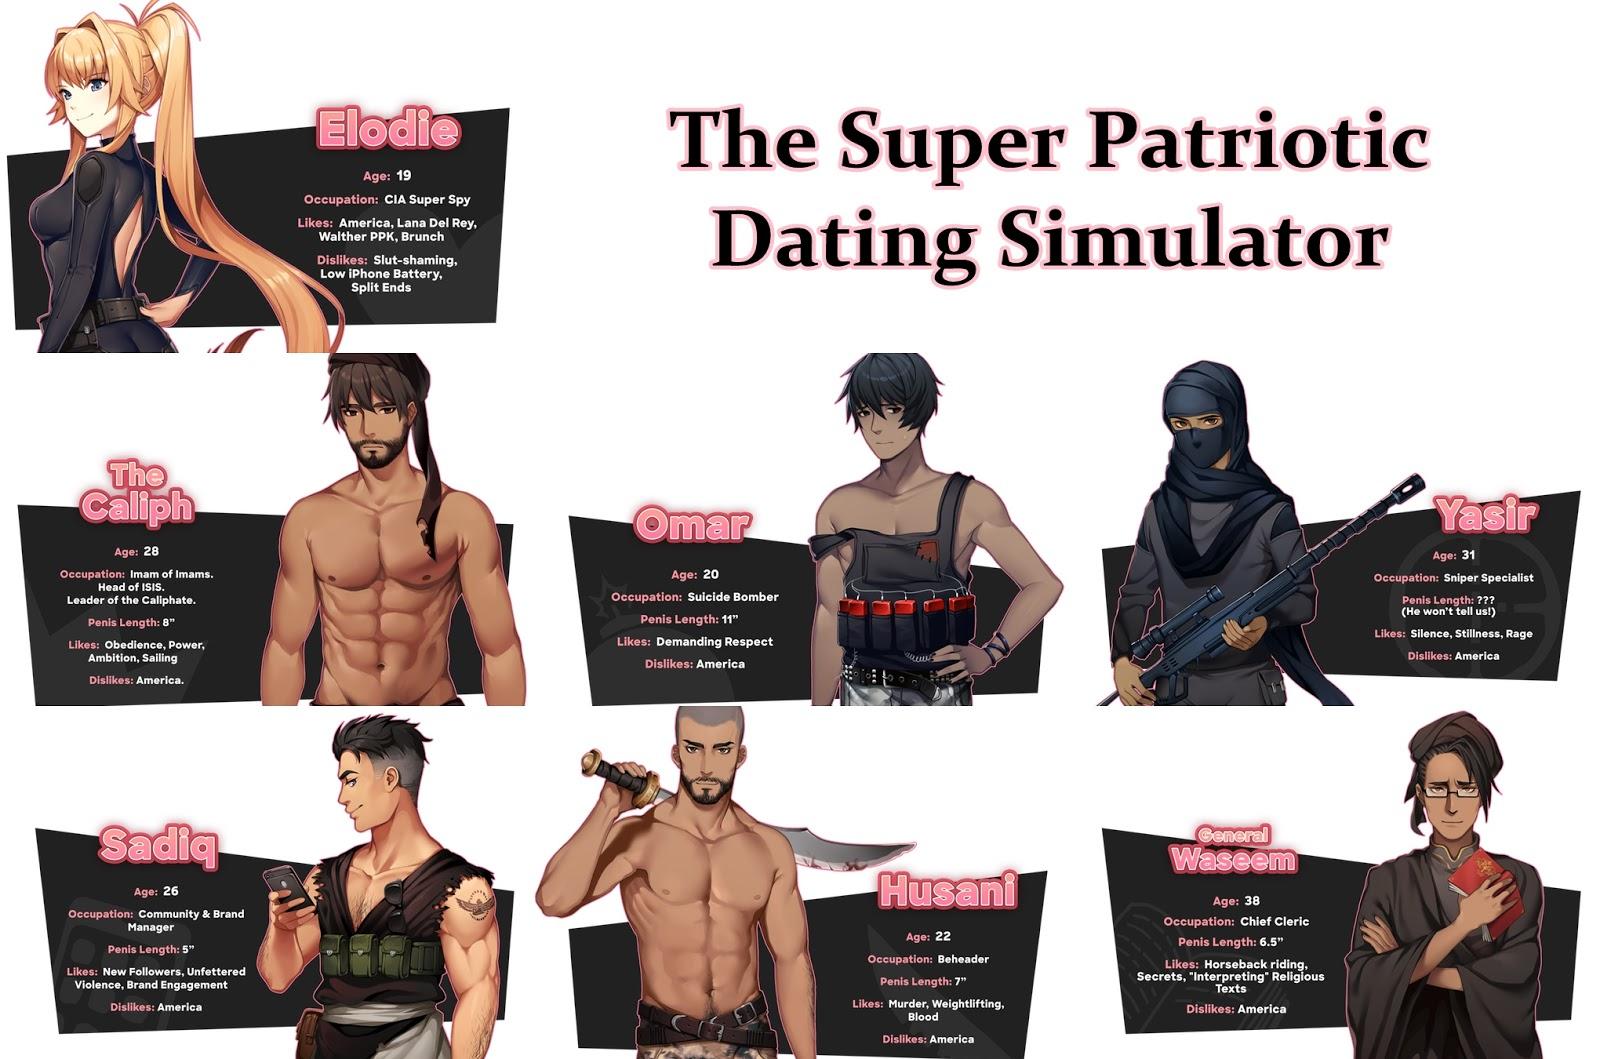 Super Patriotic Dating Simulator